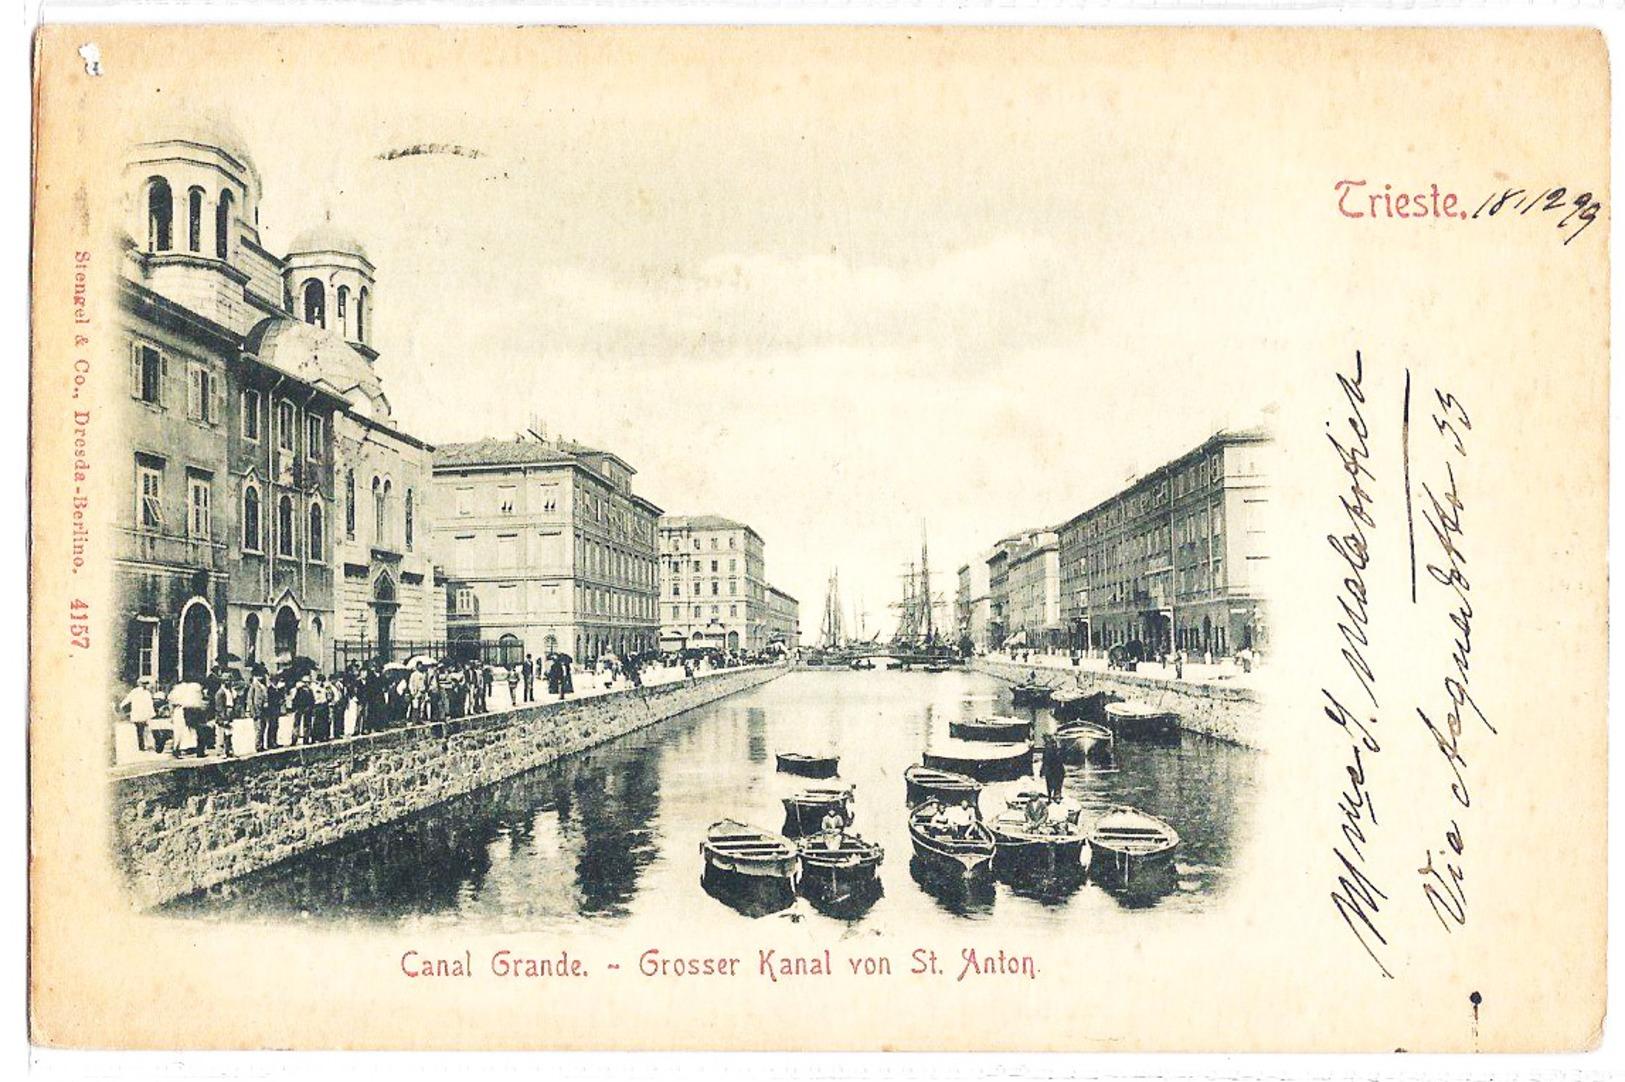 Trieste - Canal Grande - Grosser Kanal Von St. Anton - 1899. - Trieste